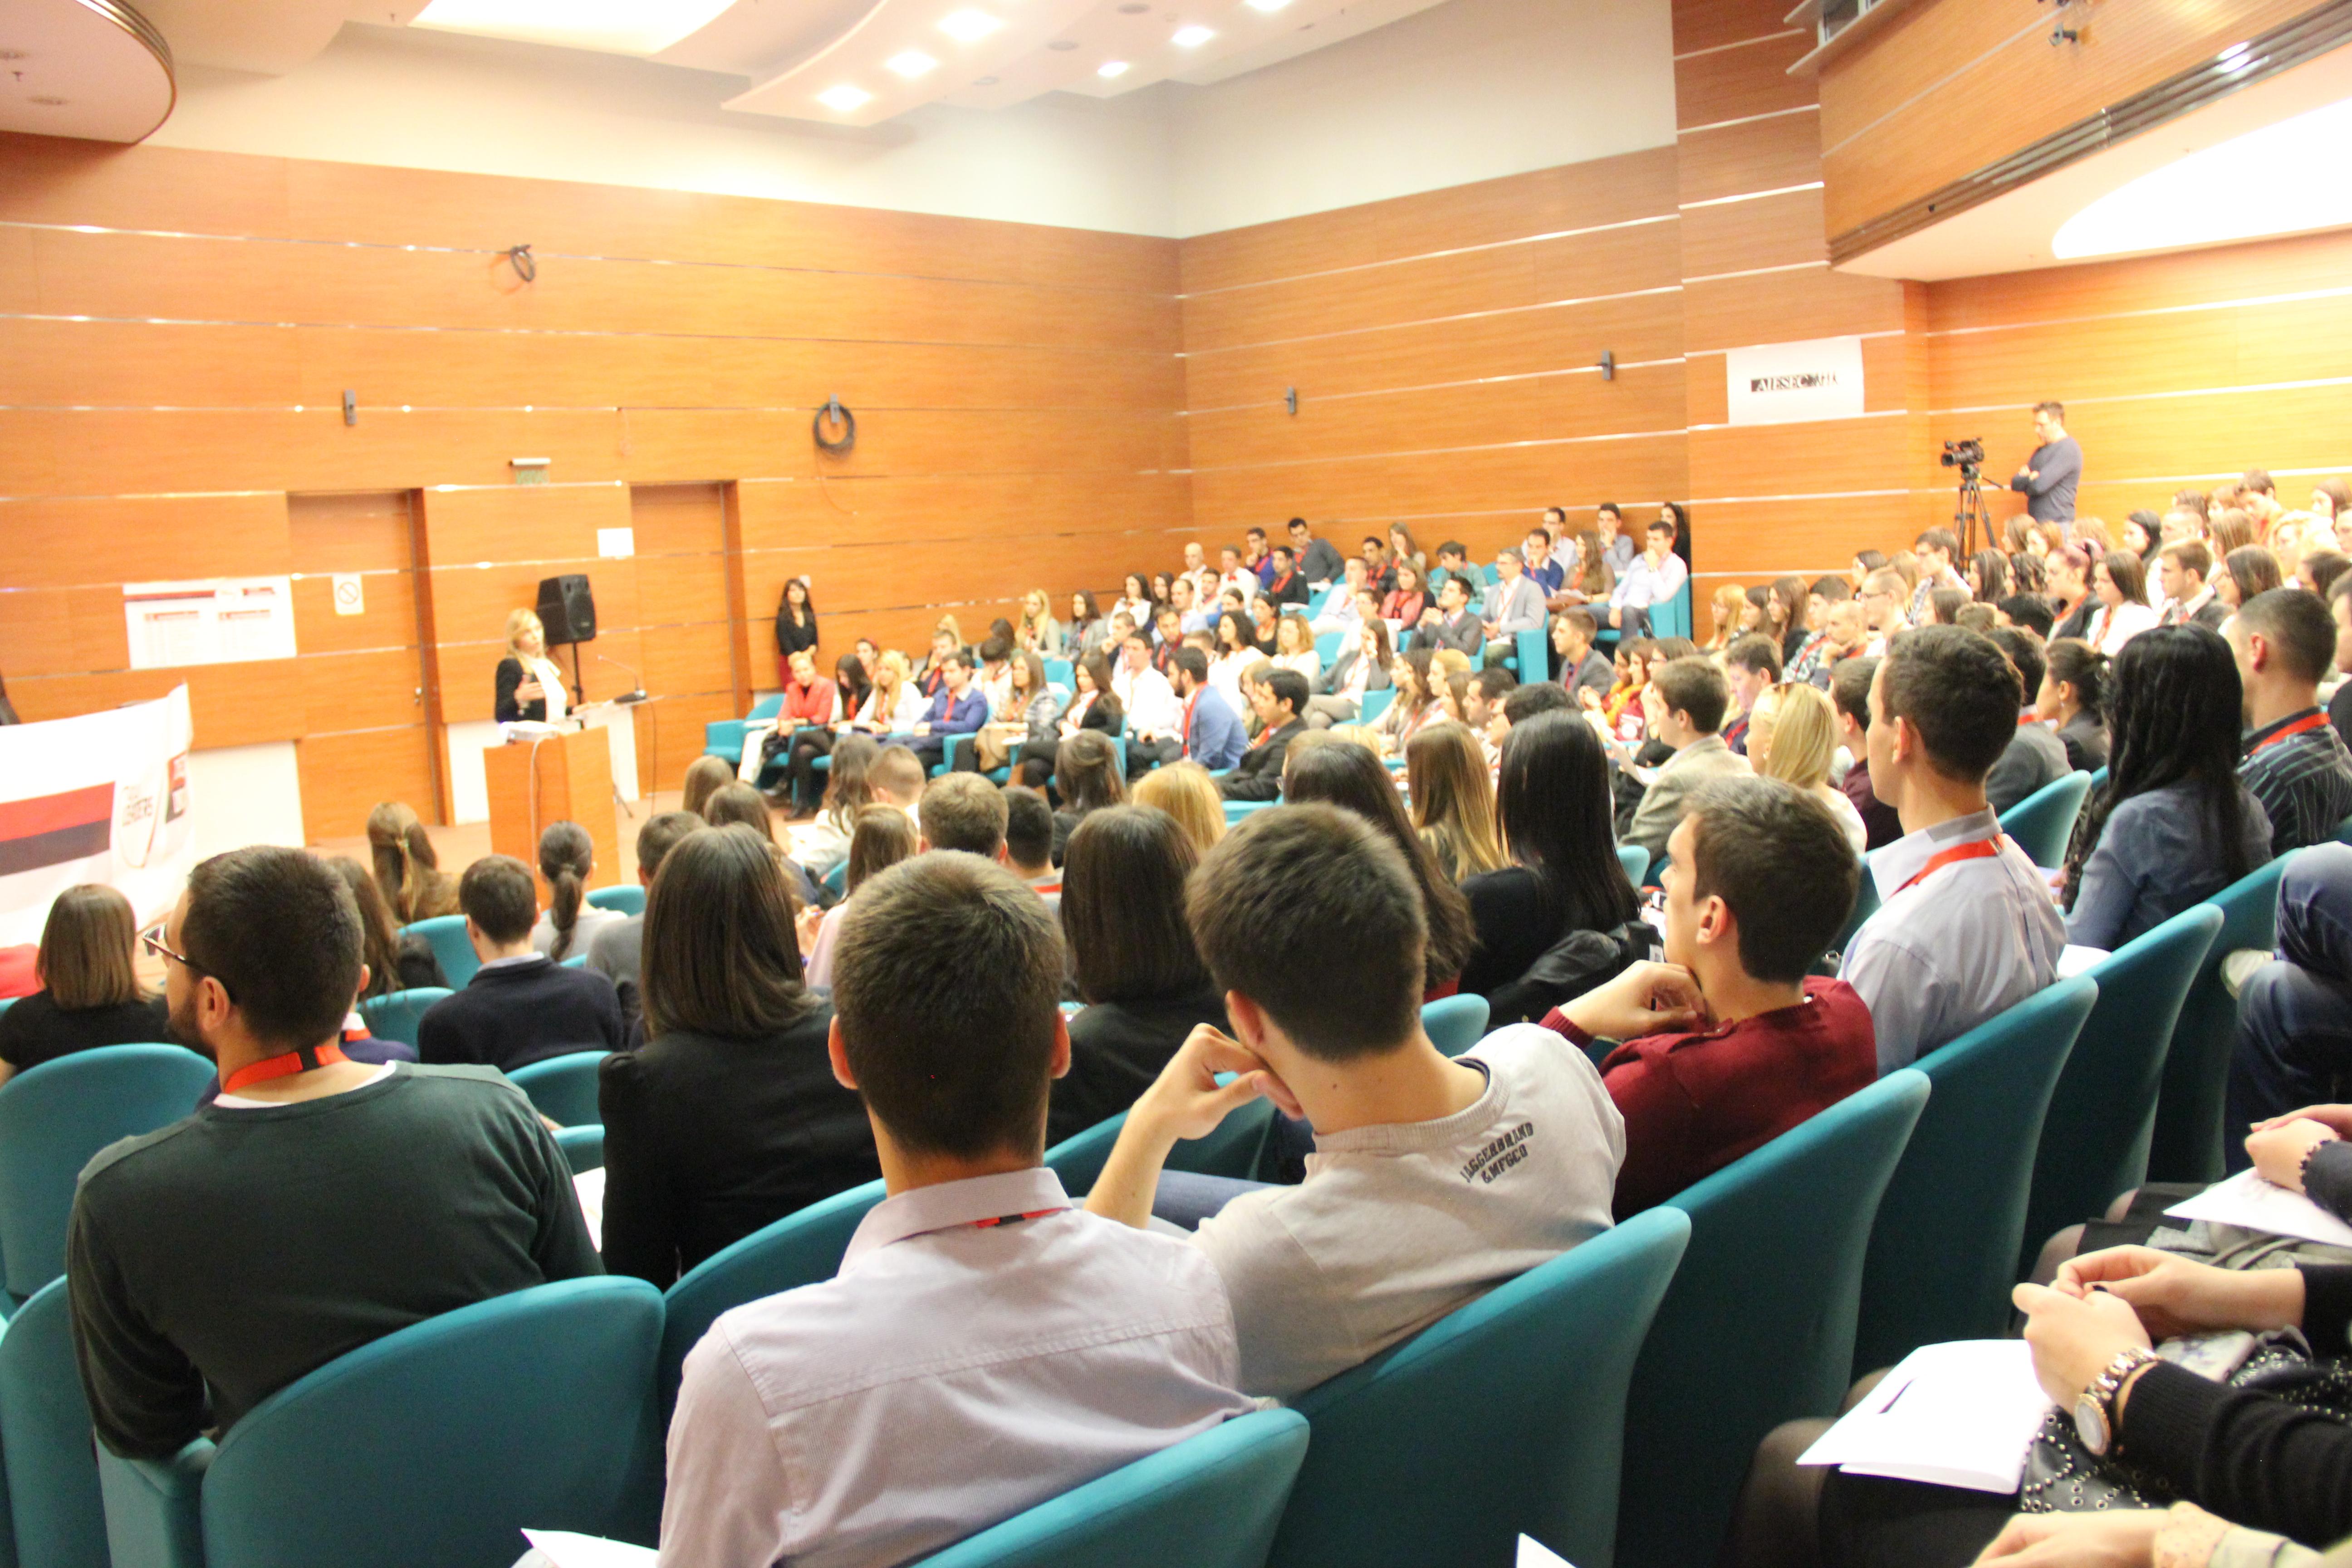 Učesnici slušaju predavanje